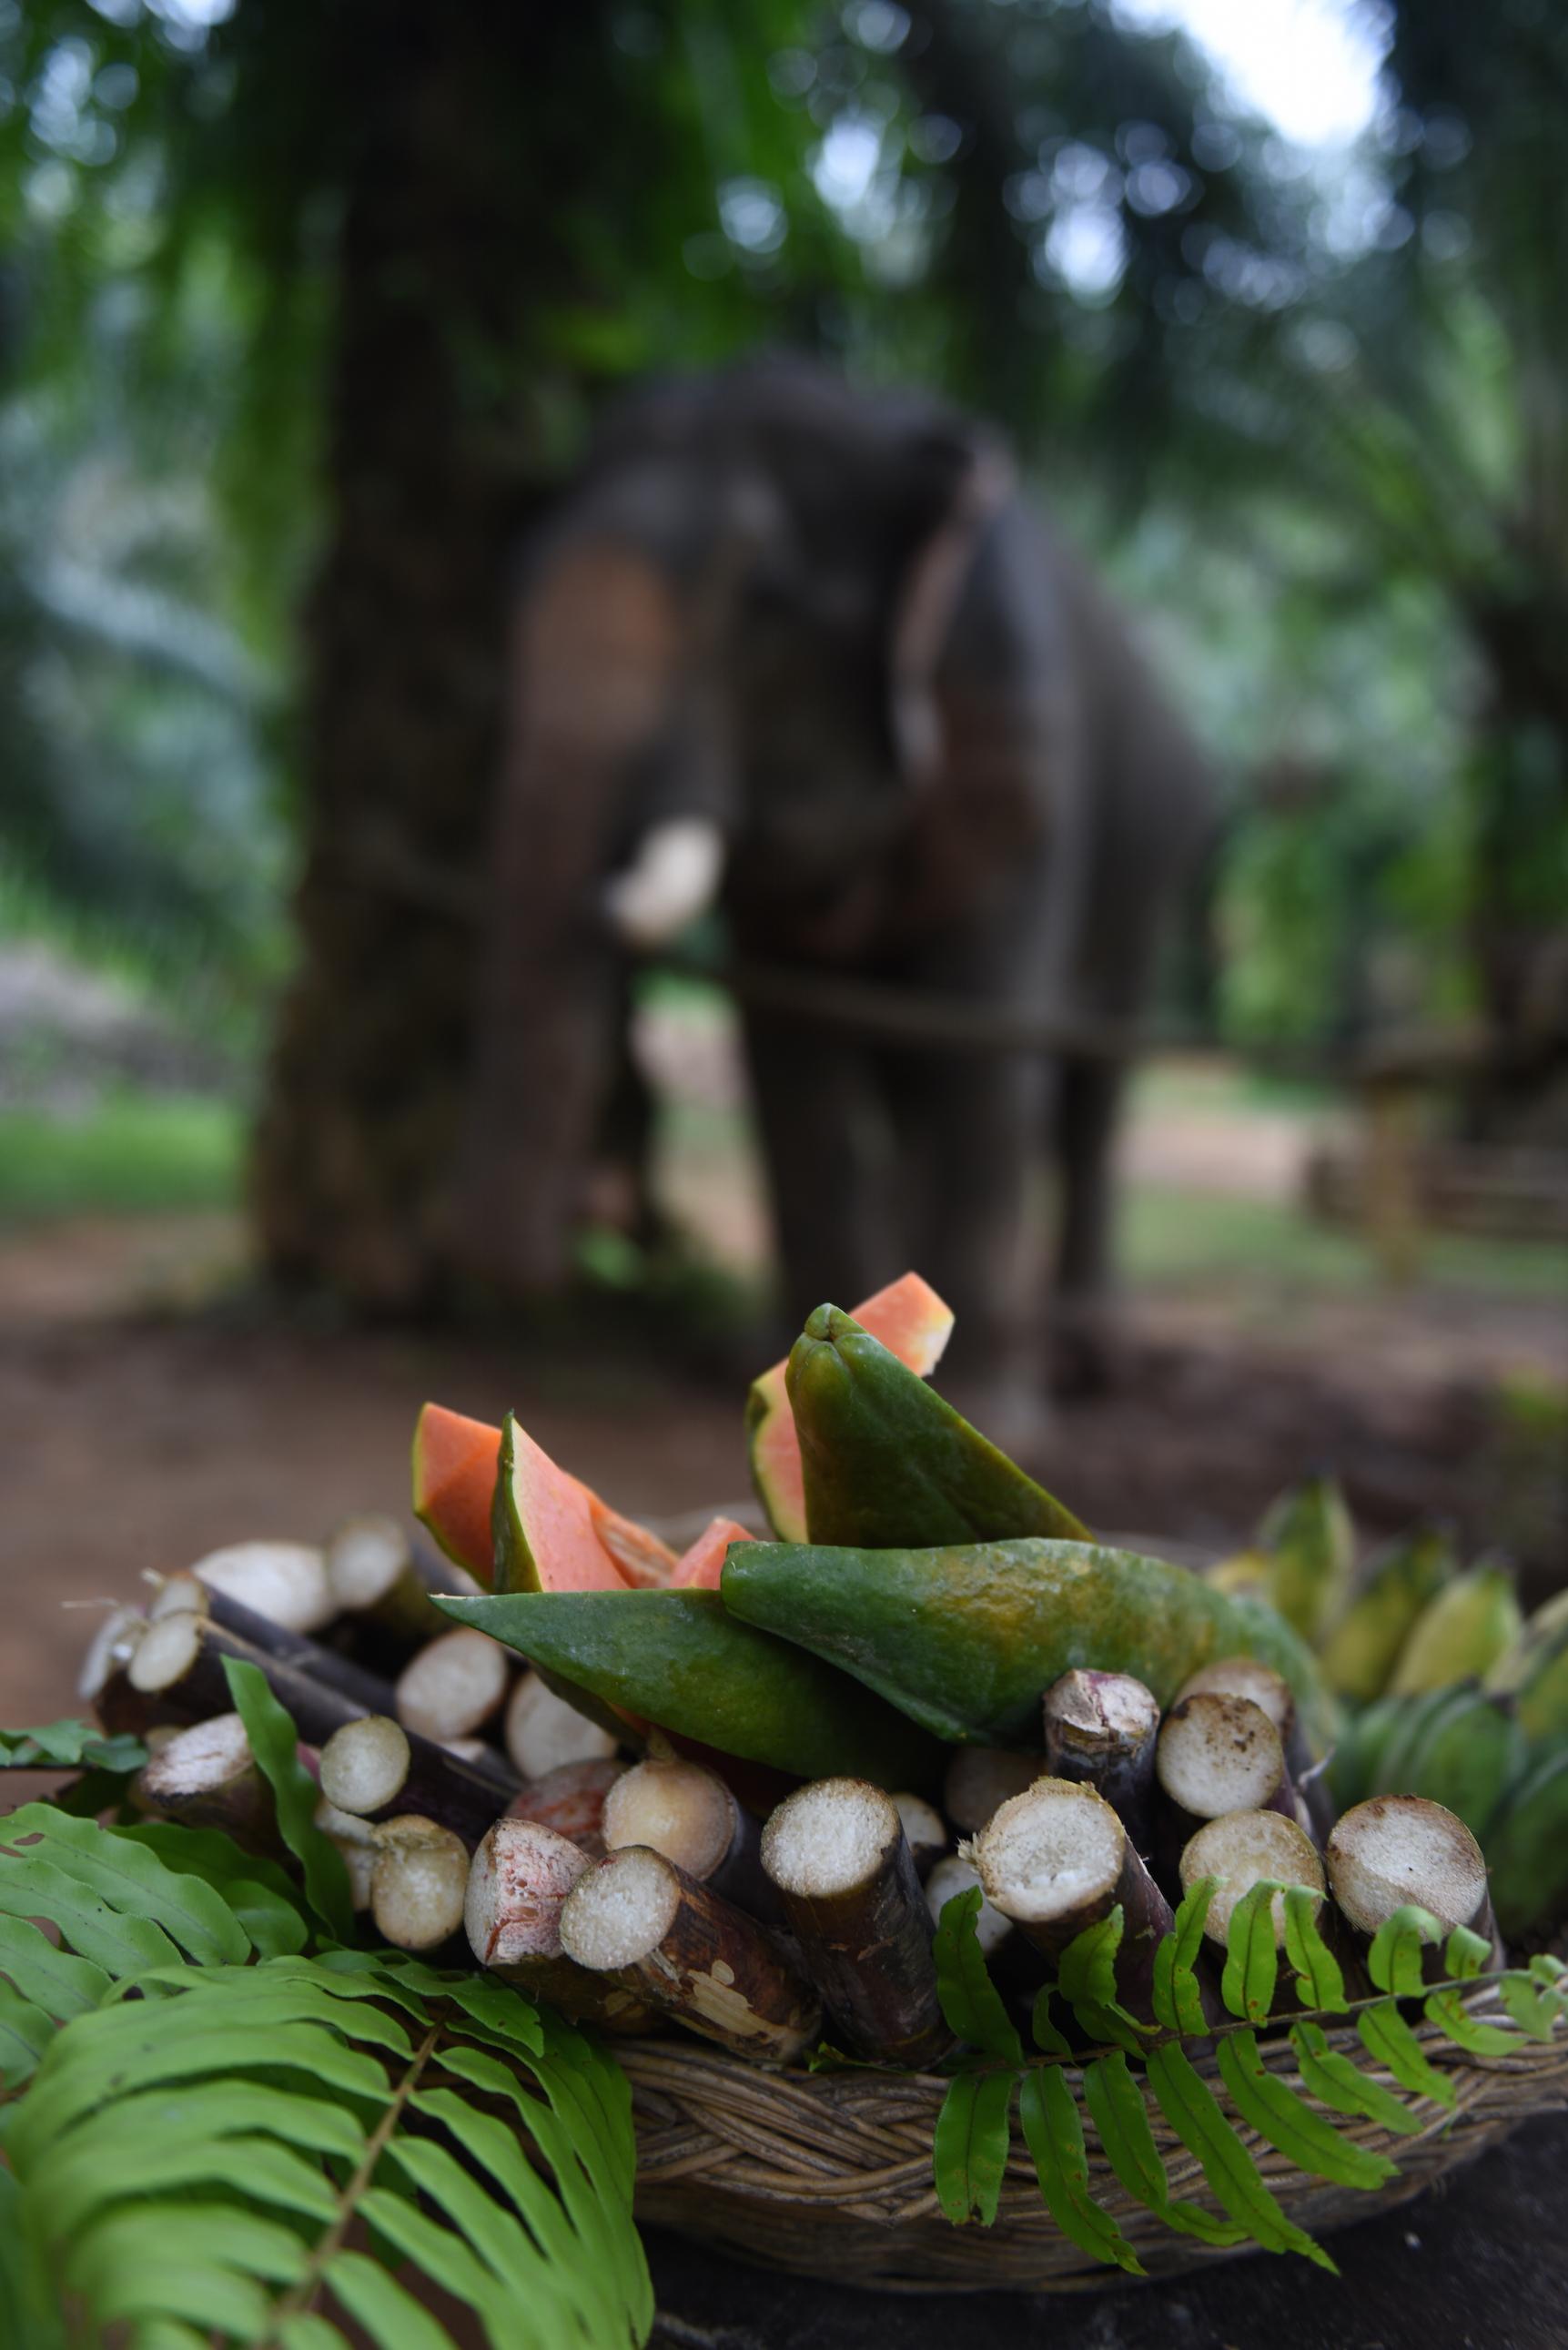 slonikk